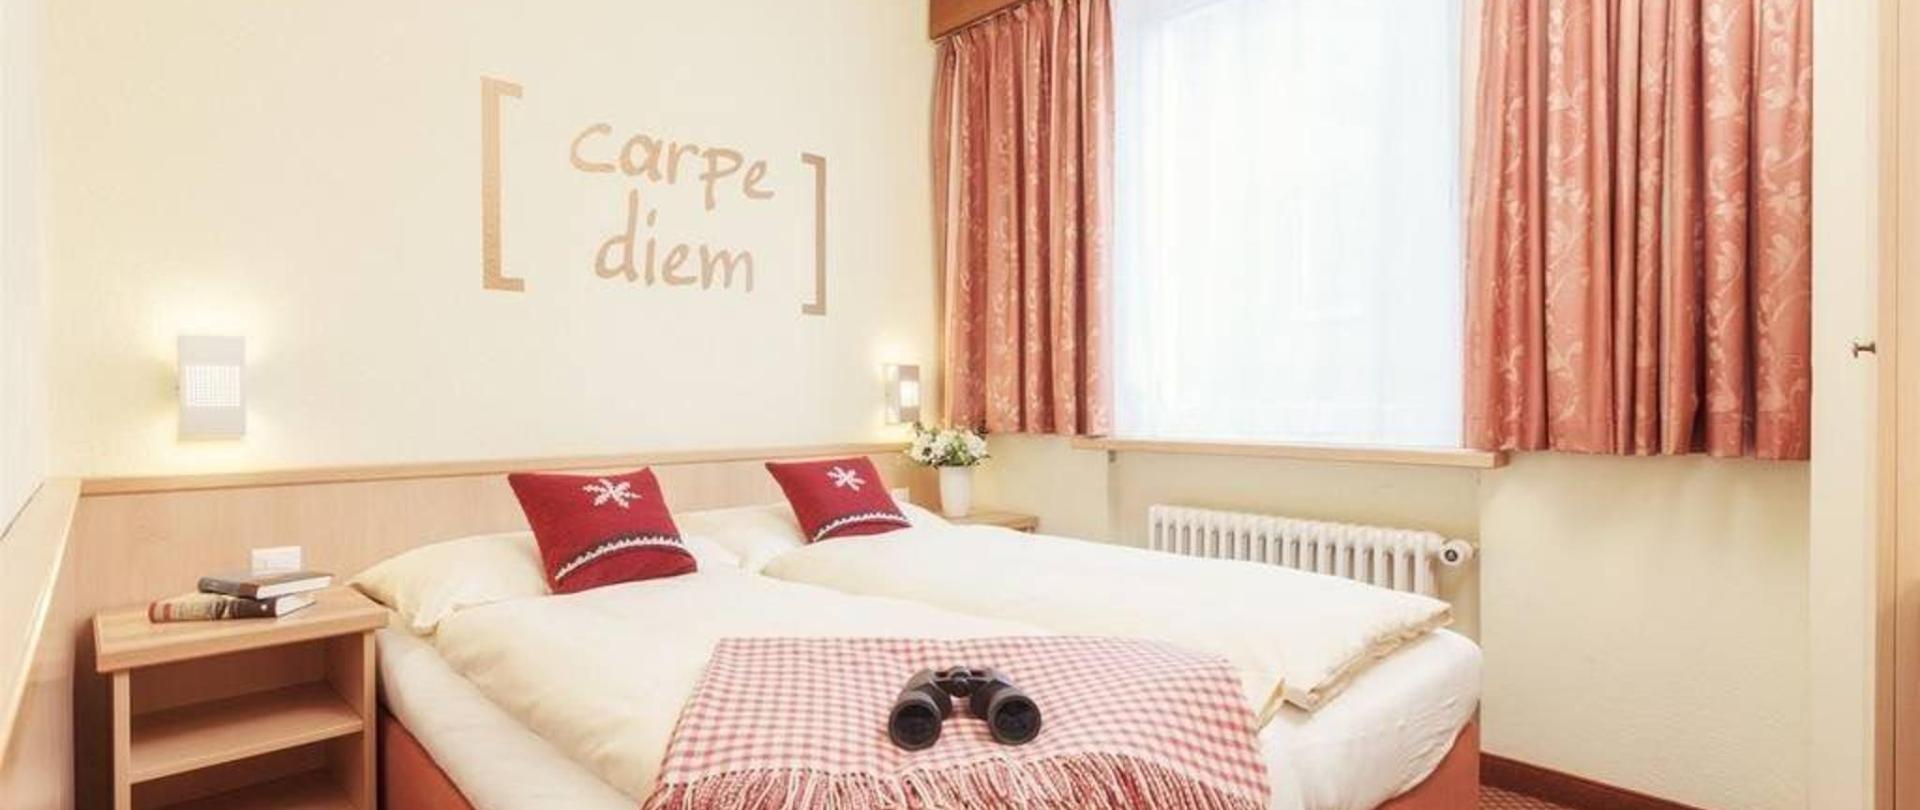 petit_hotel_0011-1.jpg